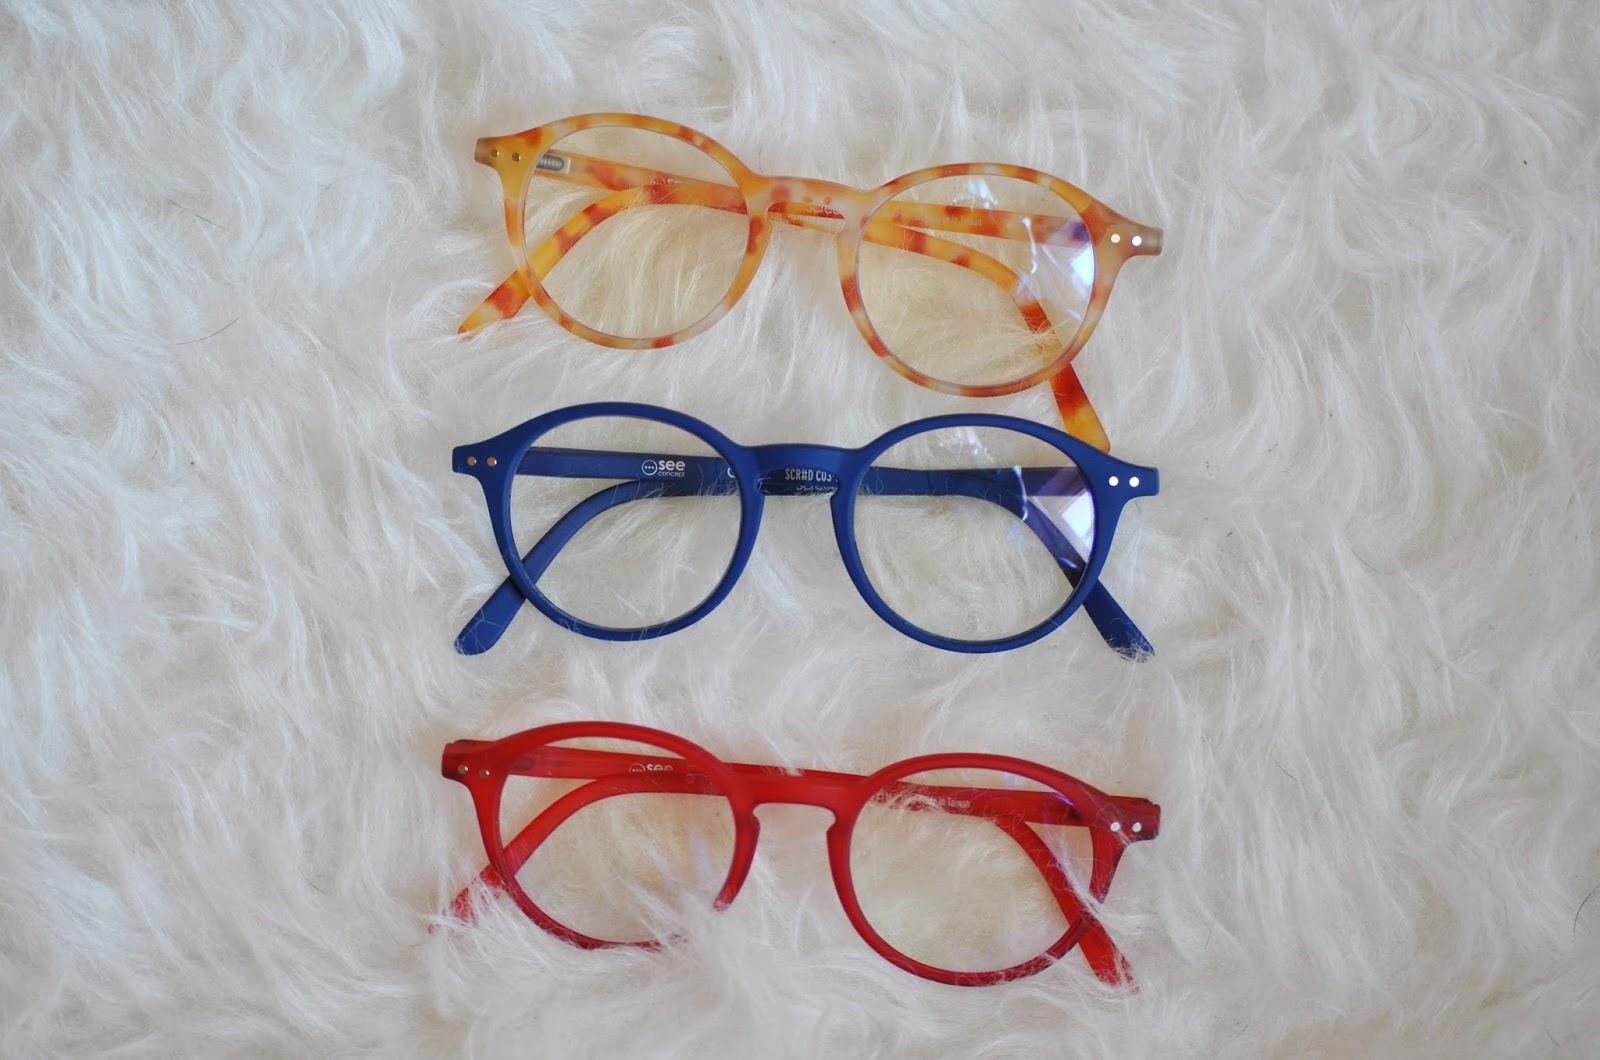 magasin en ligne Garantie de satisfaction à 100% bébé Les lunettes See Concept, top ou flop ?   British Stylish